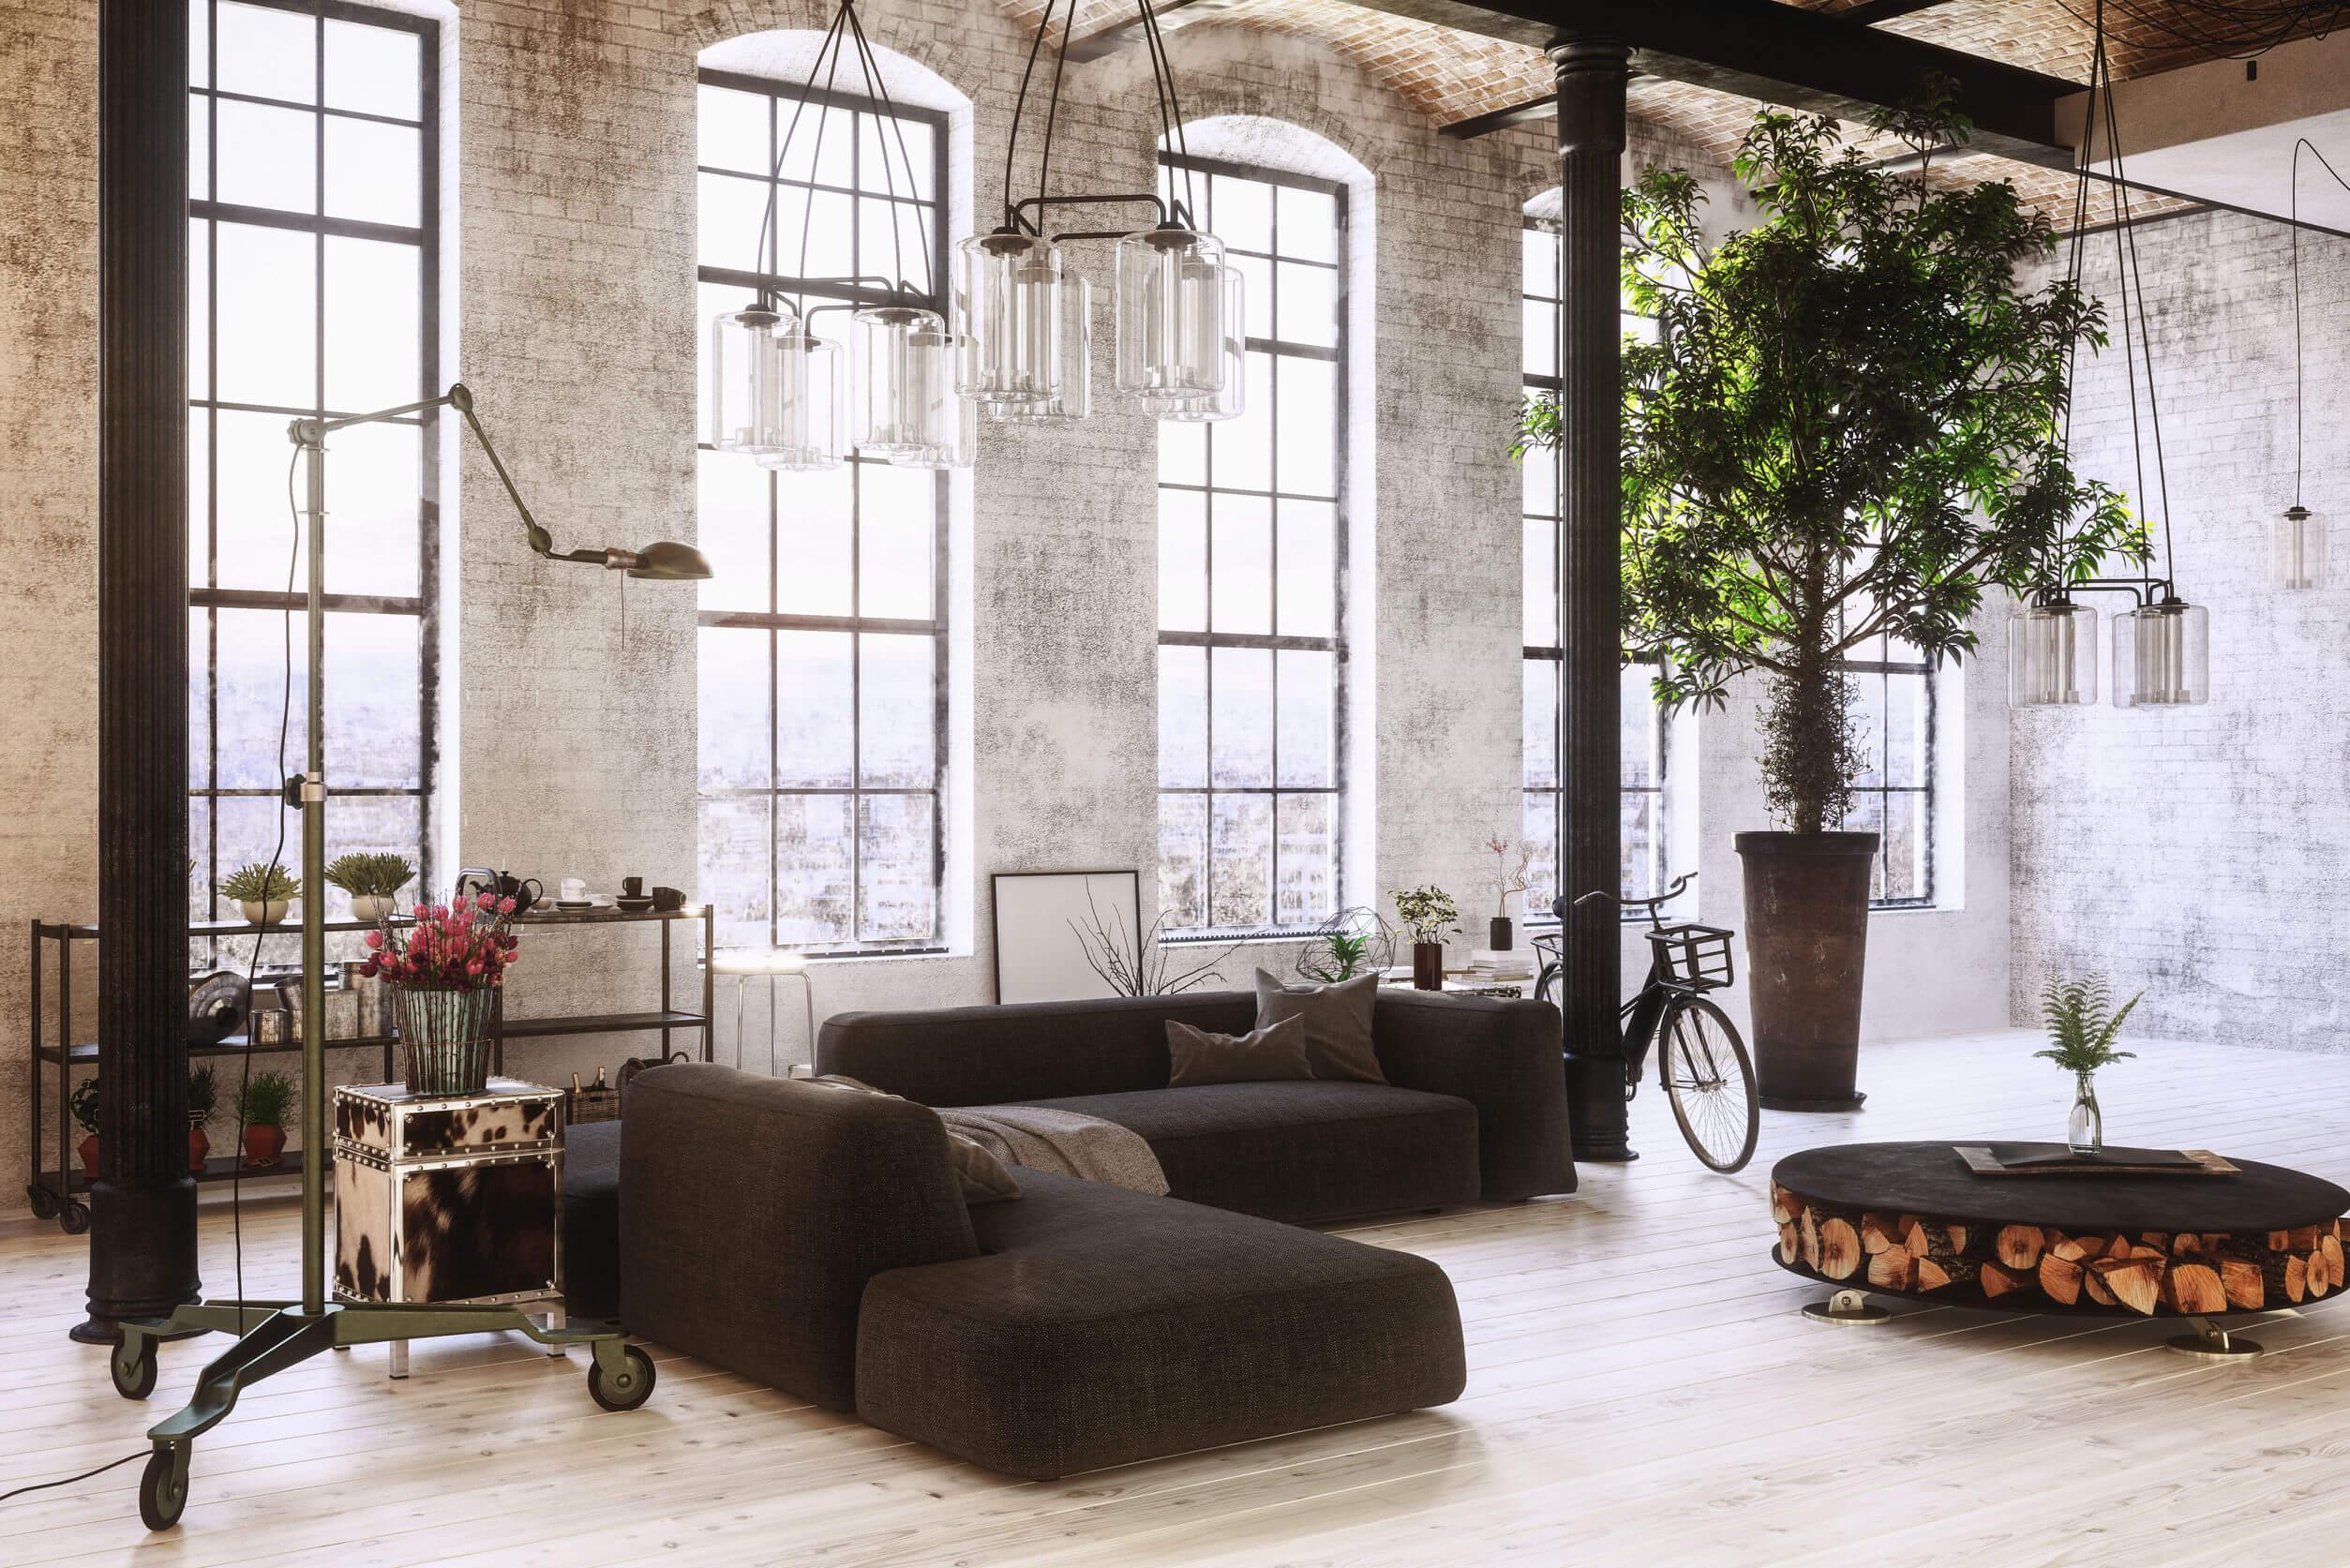 Ébredj a penthouse lakások különleges hangulatában!